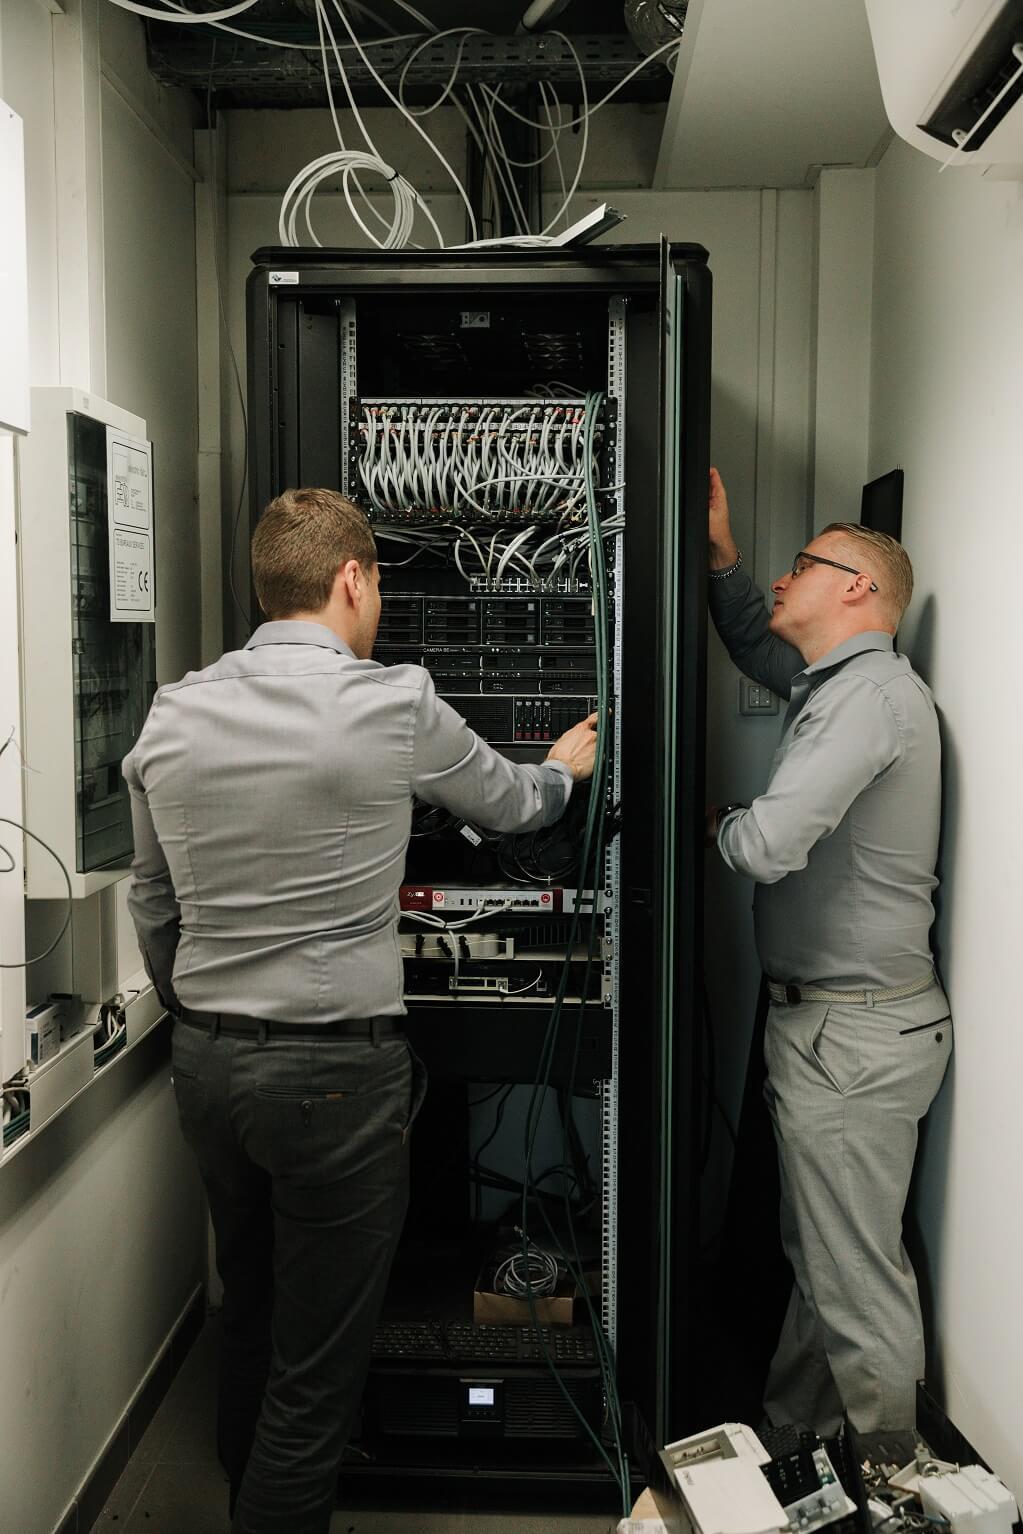 HelpIT-service-informatique-Braine-l-alleud-brabant-wallon-conseil-vendeur-materiel-nas-experience-serveur-PME